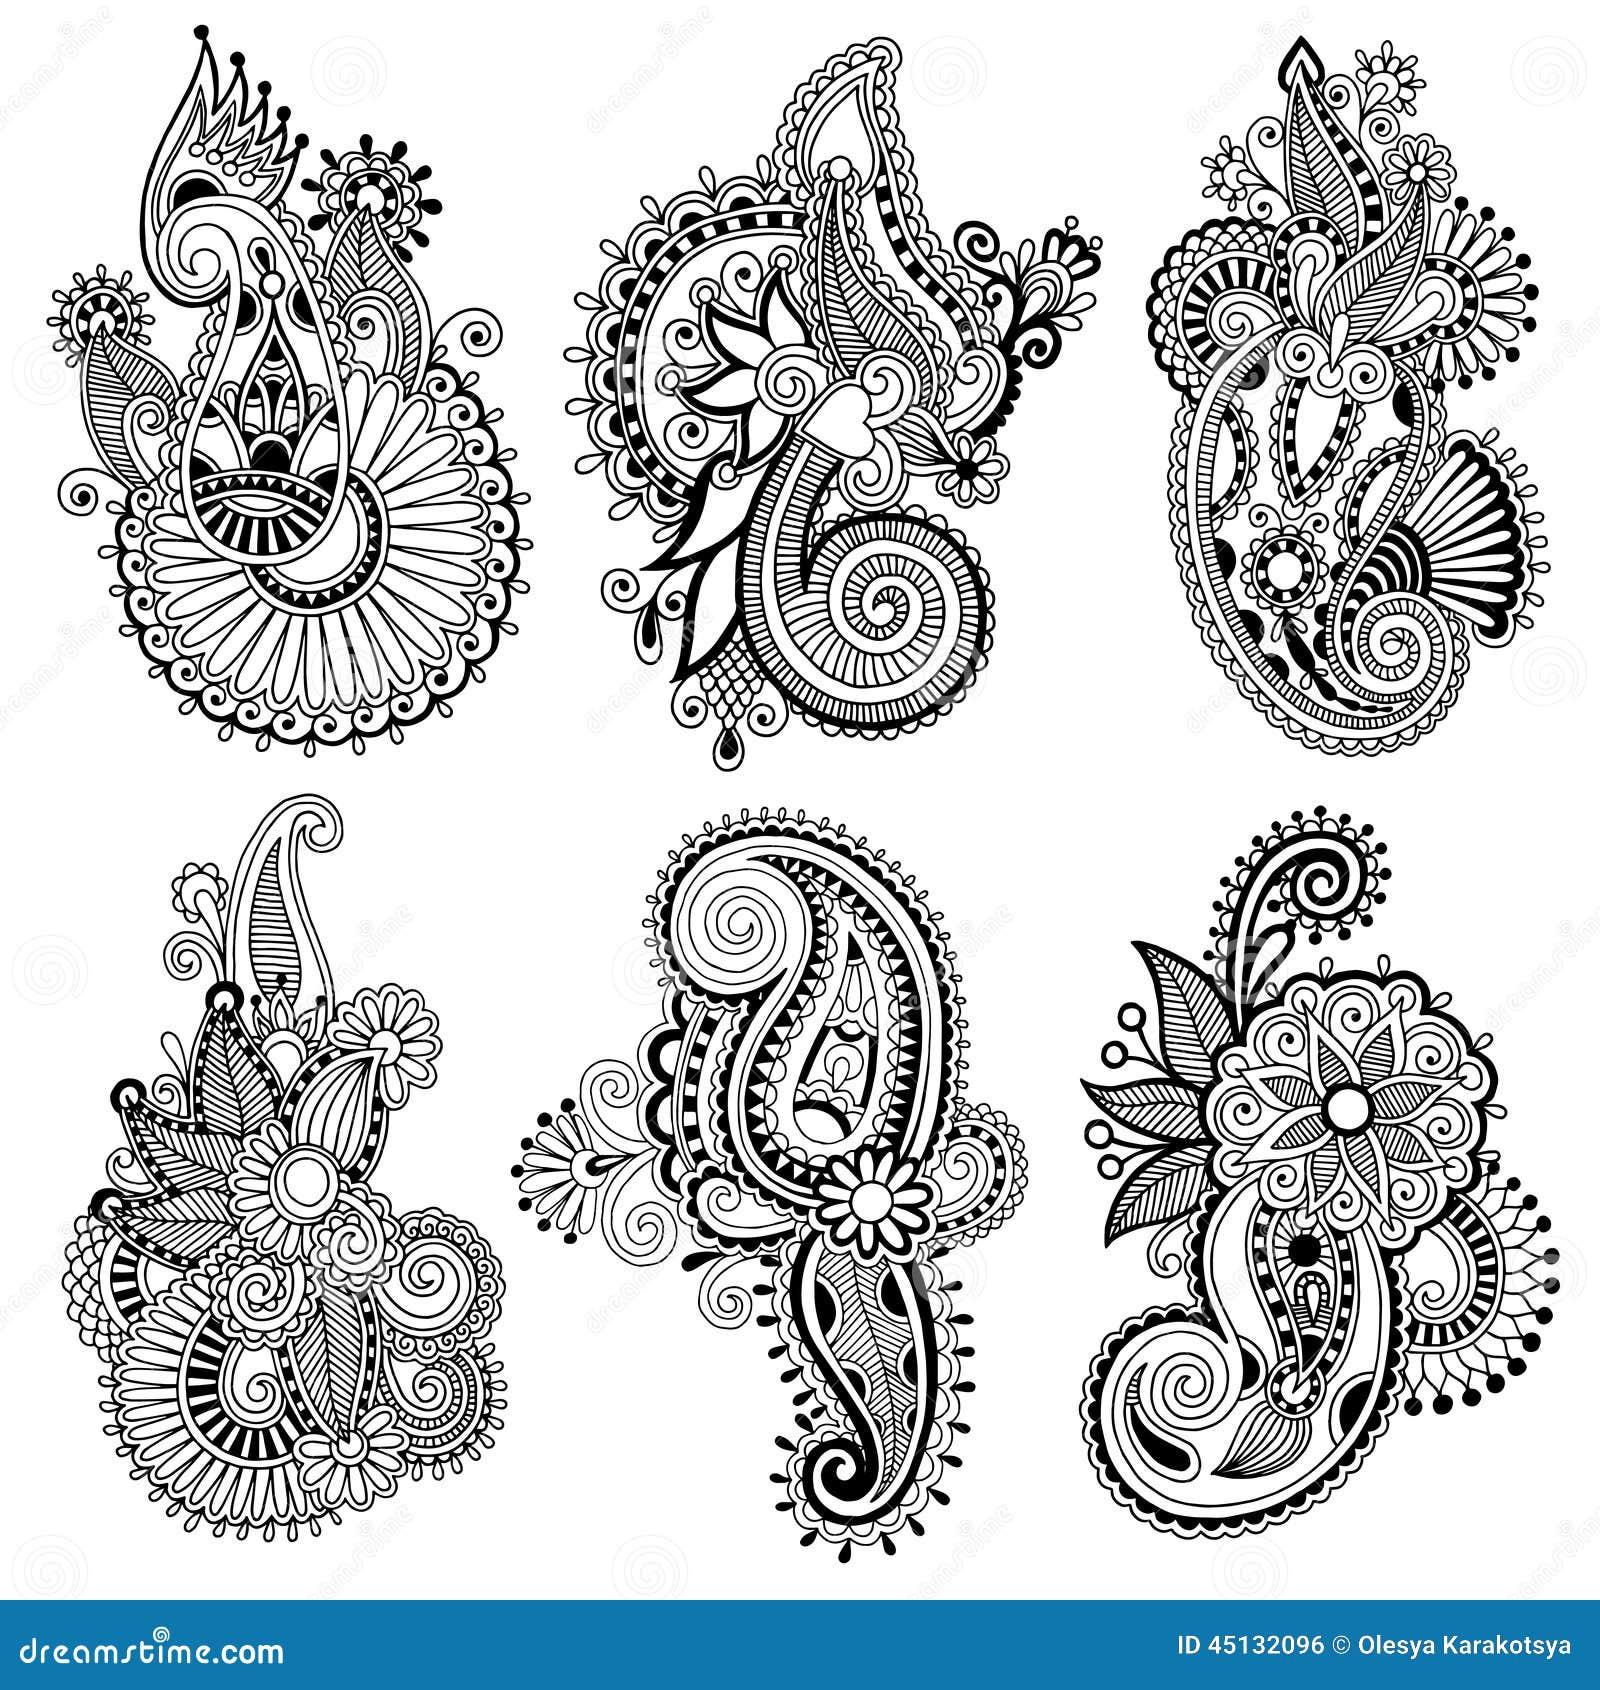 Line Art Aplic Flower Design : Black line art ornate flower design collection stock